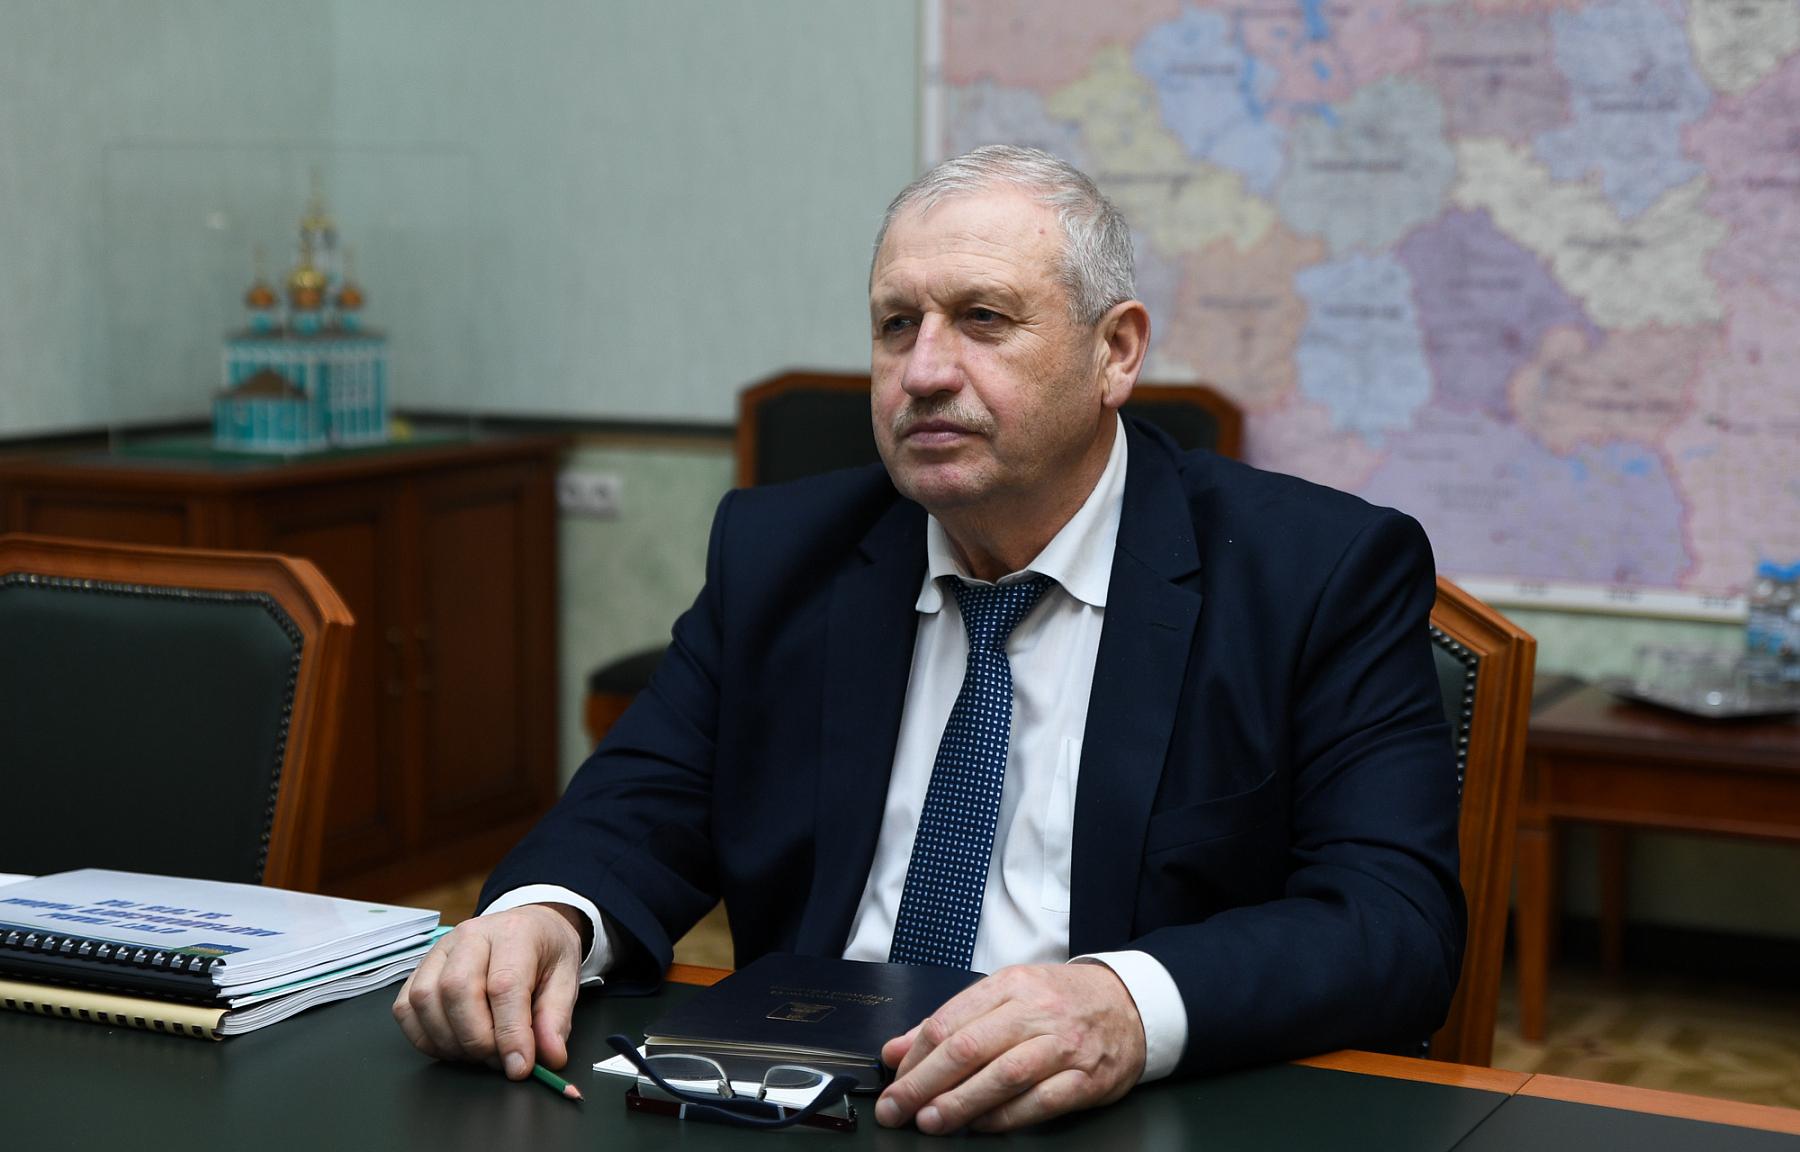 Николай Баранник: С первых дней губернатор наладил связь с муниципалитетами